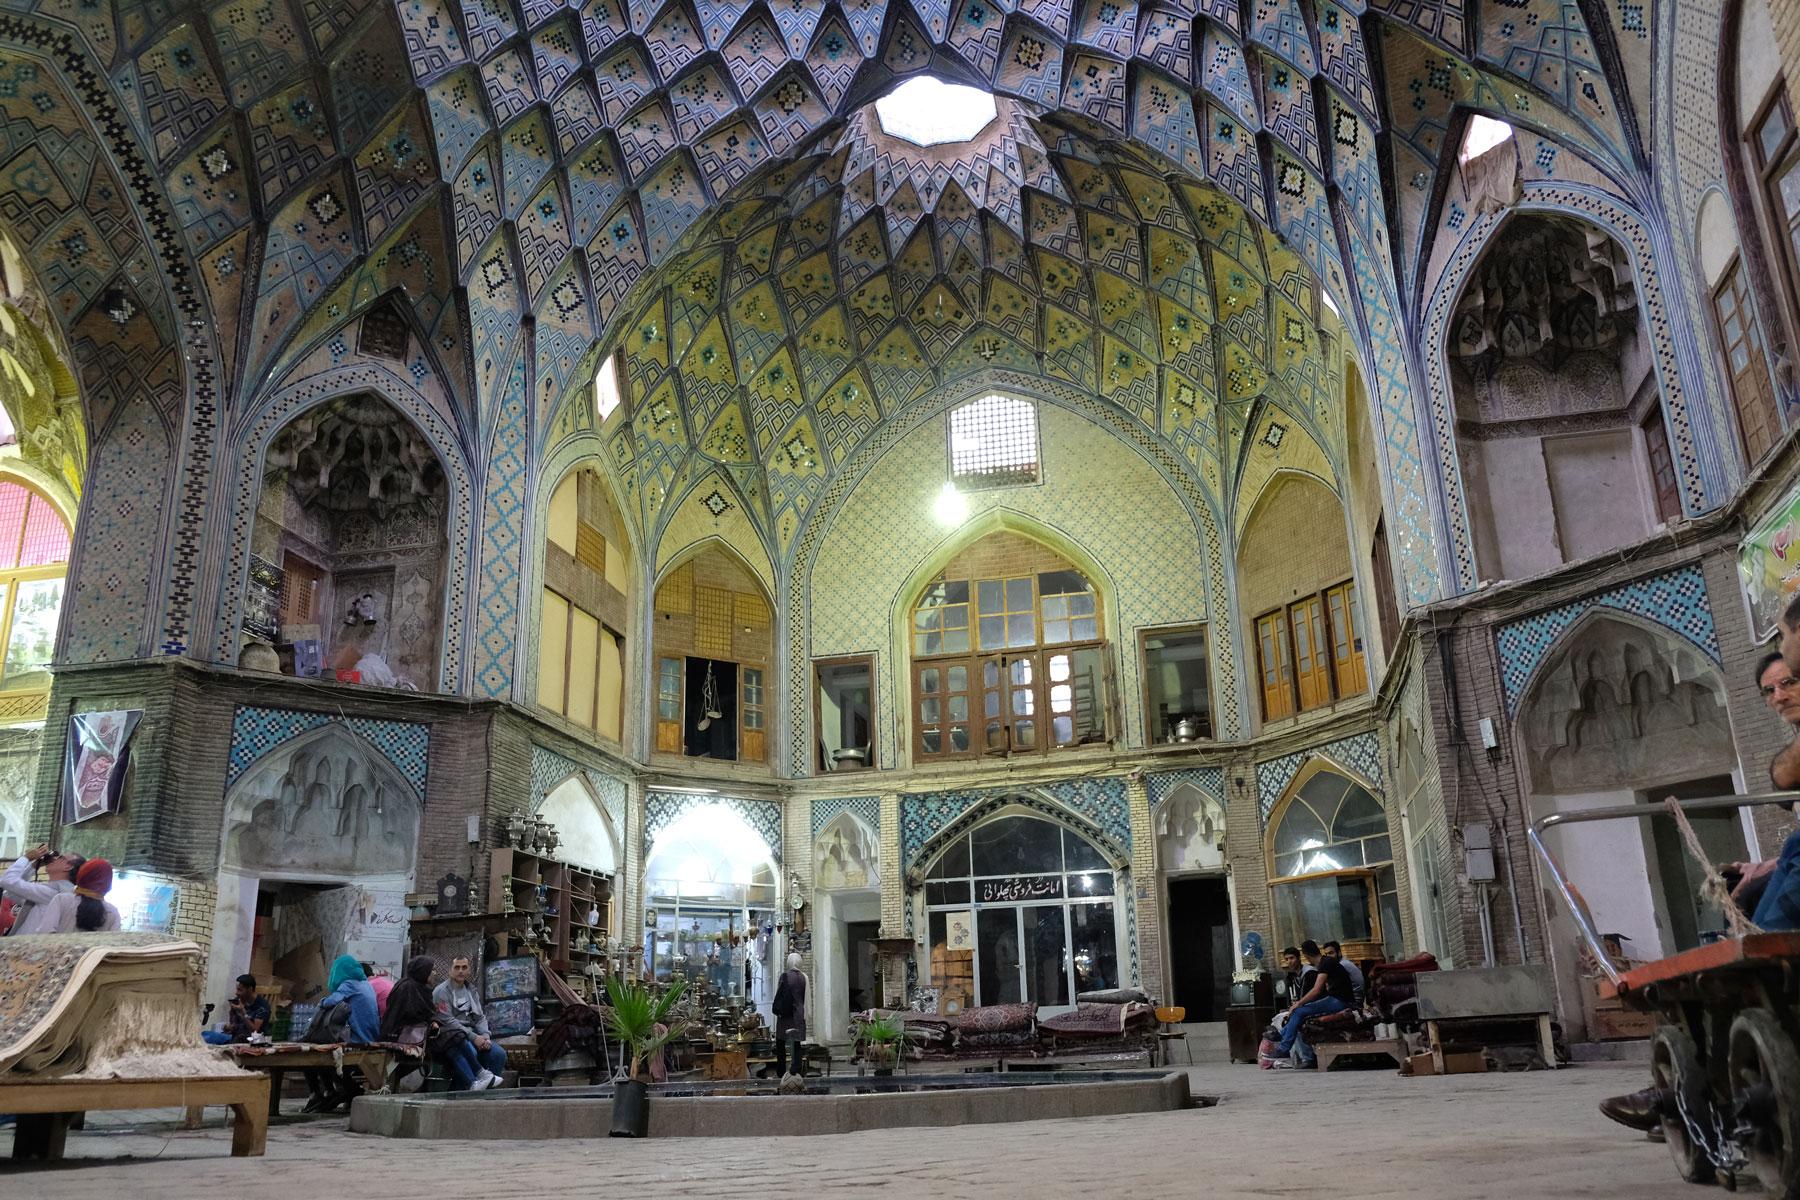 Kurze Teepause in der hübschen Seitenkuppel Timche-ye Amin od-Dowleh des Basars in Kashan